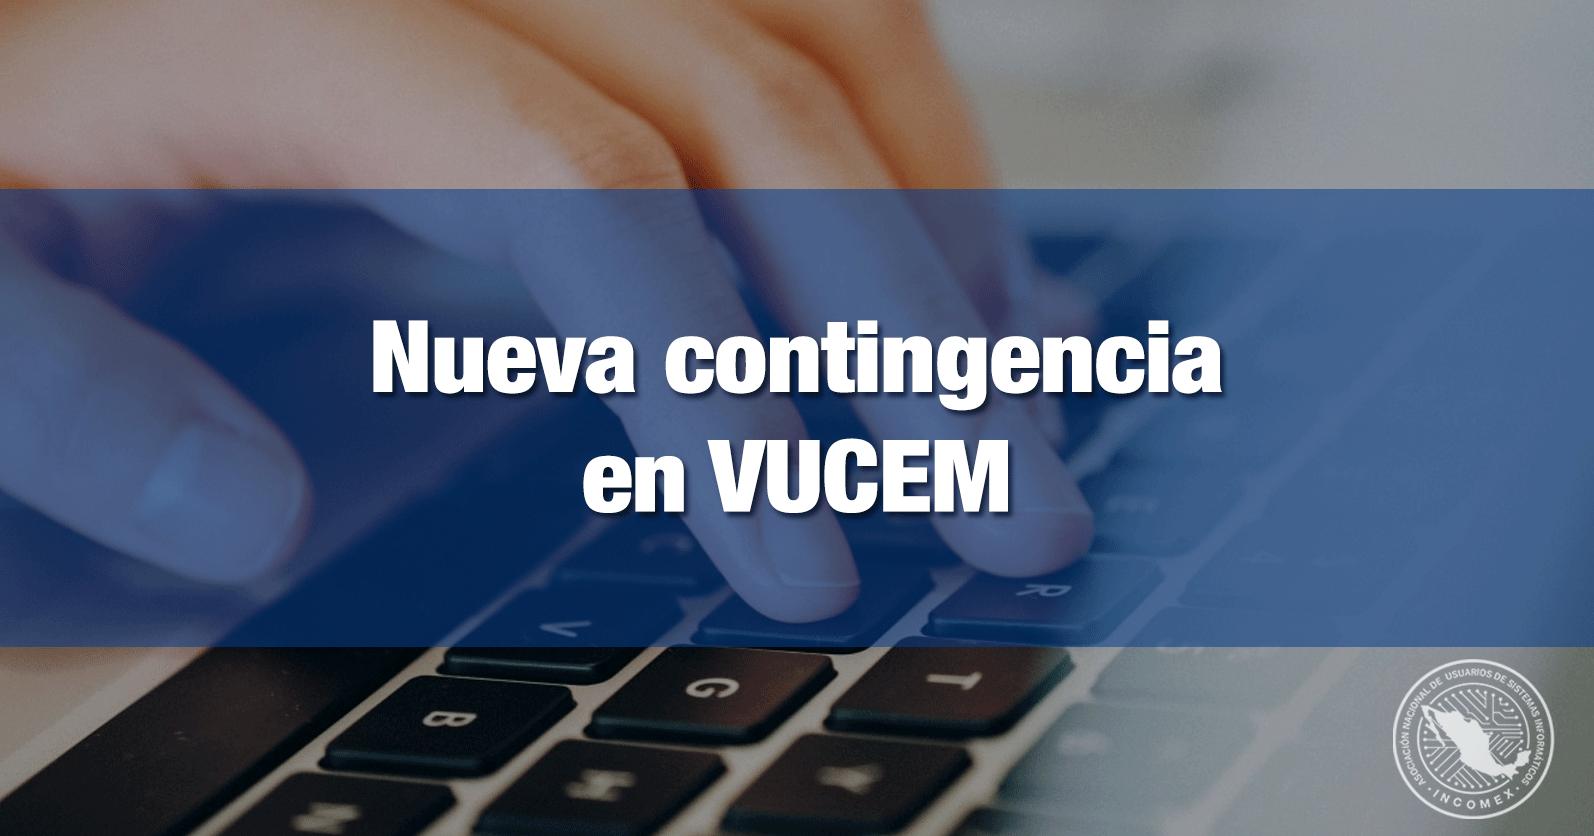 Nueva contingencia en VUCEM